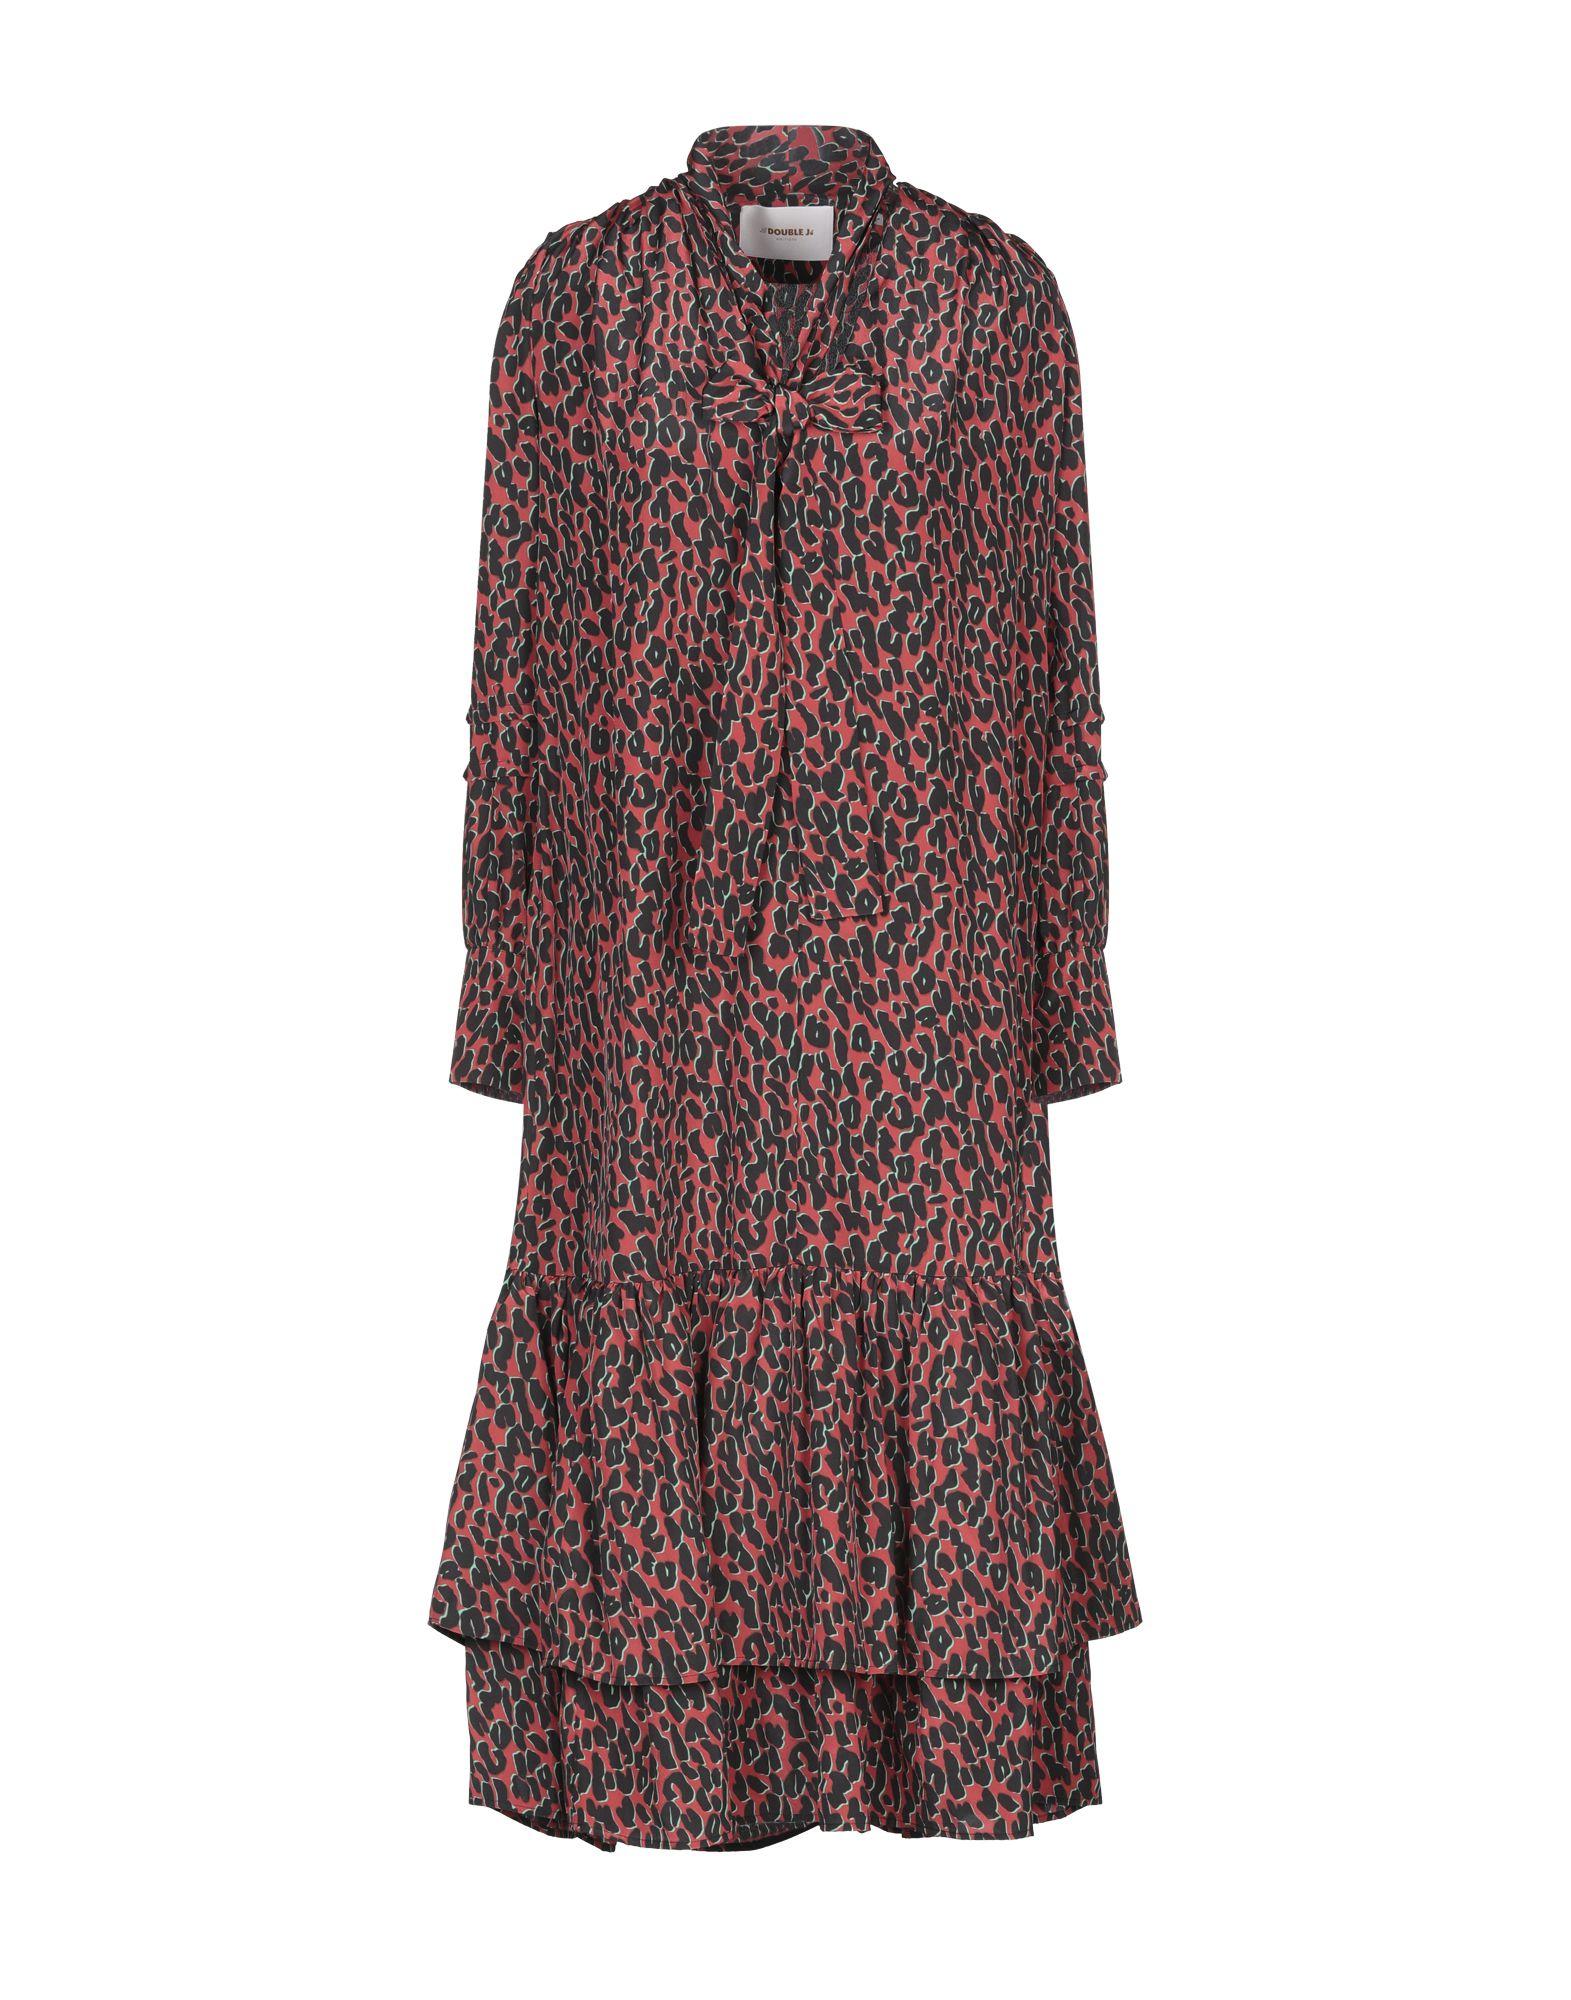 LA DOUBLE J. Платье длиной 3/4 goen j юбка длиной 3 4